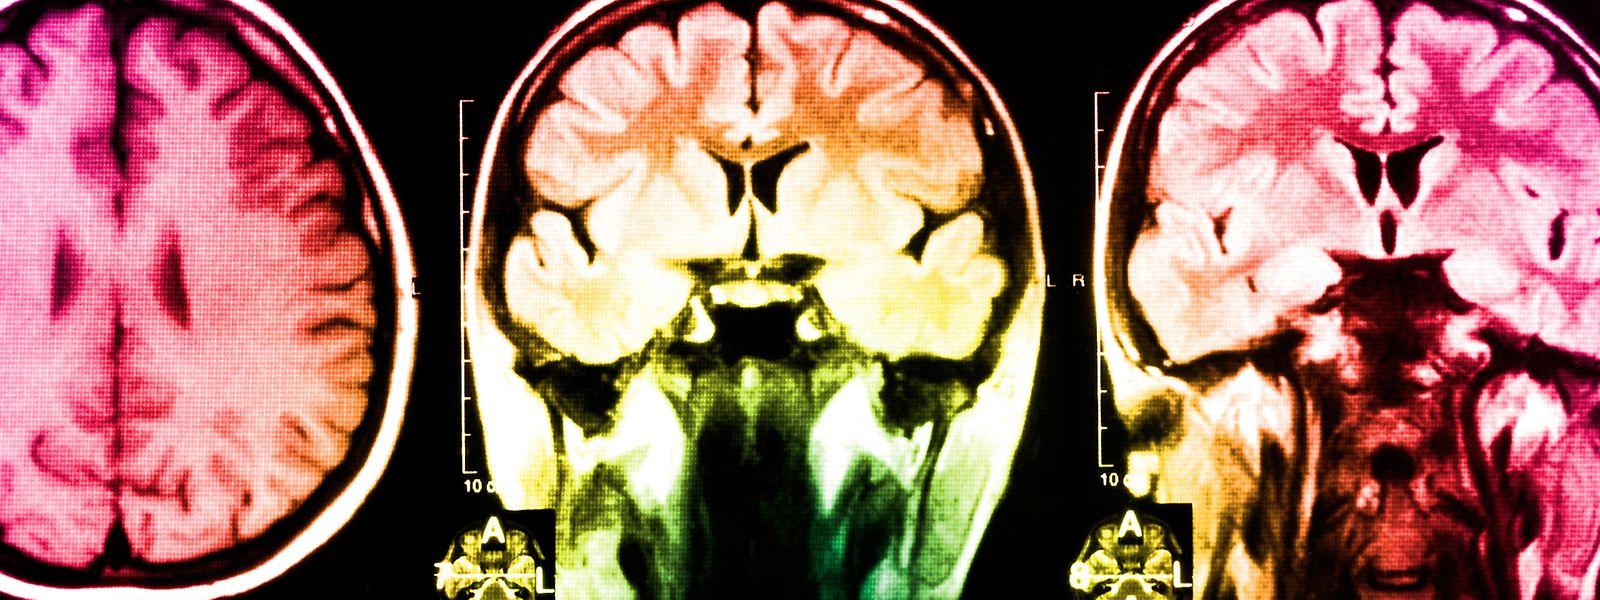 Von der Bildgebung zur softwarebasierten Diagnostik: Das Erkennen von Mustern, die auf eine Krankheit hinweisen, zählt zu den Stärken der Künstlichen Intelligenz.